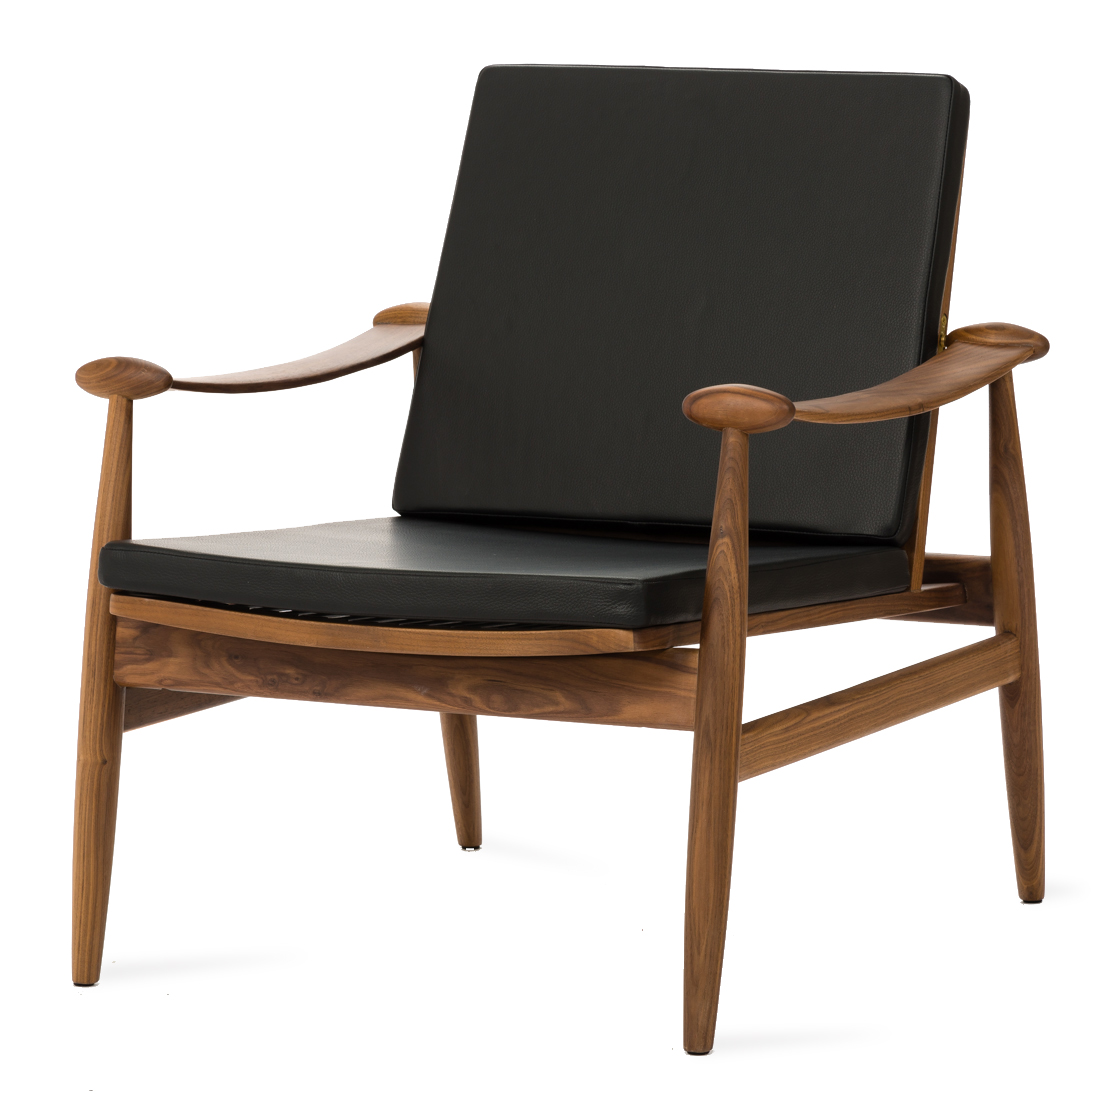 Кресло SpadeИнтерьерные<br>Дизайнерское легкое классическое кресло Spade (Спейд) с деревянным каркасом от Cosmo (Космо).<br><br><br> Кресло для отдыха с подлокотниками с простым и современным дизайном.<br><br><br> Кресло Spade первоначально было разработано в 1954 году. Это была первая работа Финна Юля, датского дизайнера, новатора своего времени. Настоящий датский шедевр ручной работы, предназначенный для массового производства. Кресло Spade создано по лекалам, в которые идеально вписывается человеческое тело, что делает кресл...<br><br>stock: 0<br>Высота: 79,5<br>Высота сиденья: 39<br>Ширина: 74<br>Глубина: 79<br>Материал каркаса: Массив ореха<br>Тип материала каркаса: Дерево<br>Коллекция ткани: Deluxe<br>Тип материала обивки: Кожа<br>Цвет обивки: Черный<br>Цвет каркаса: Орех американский